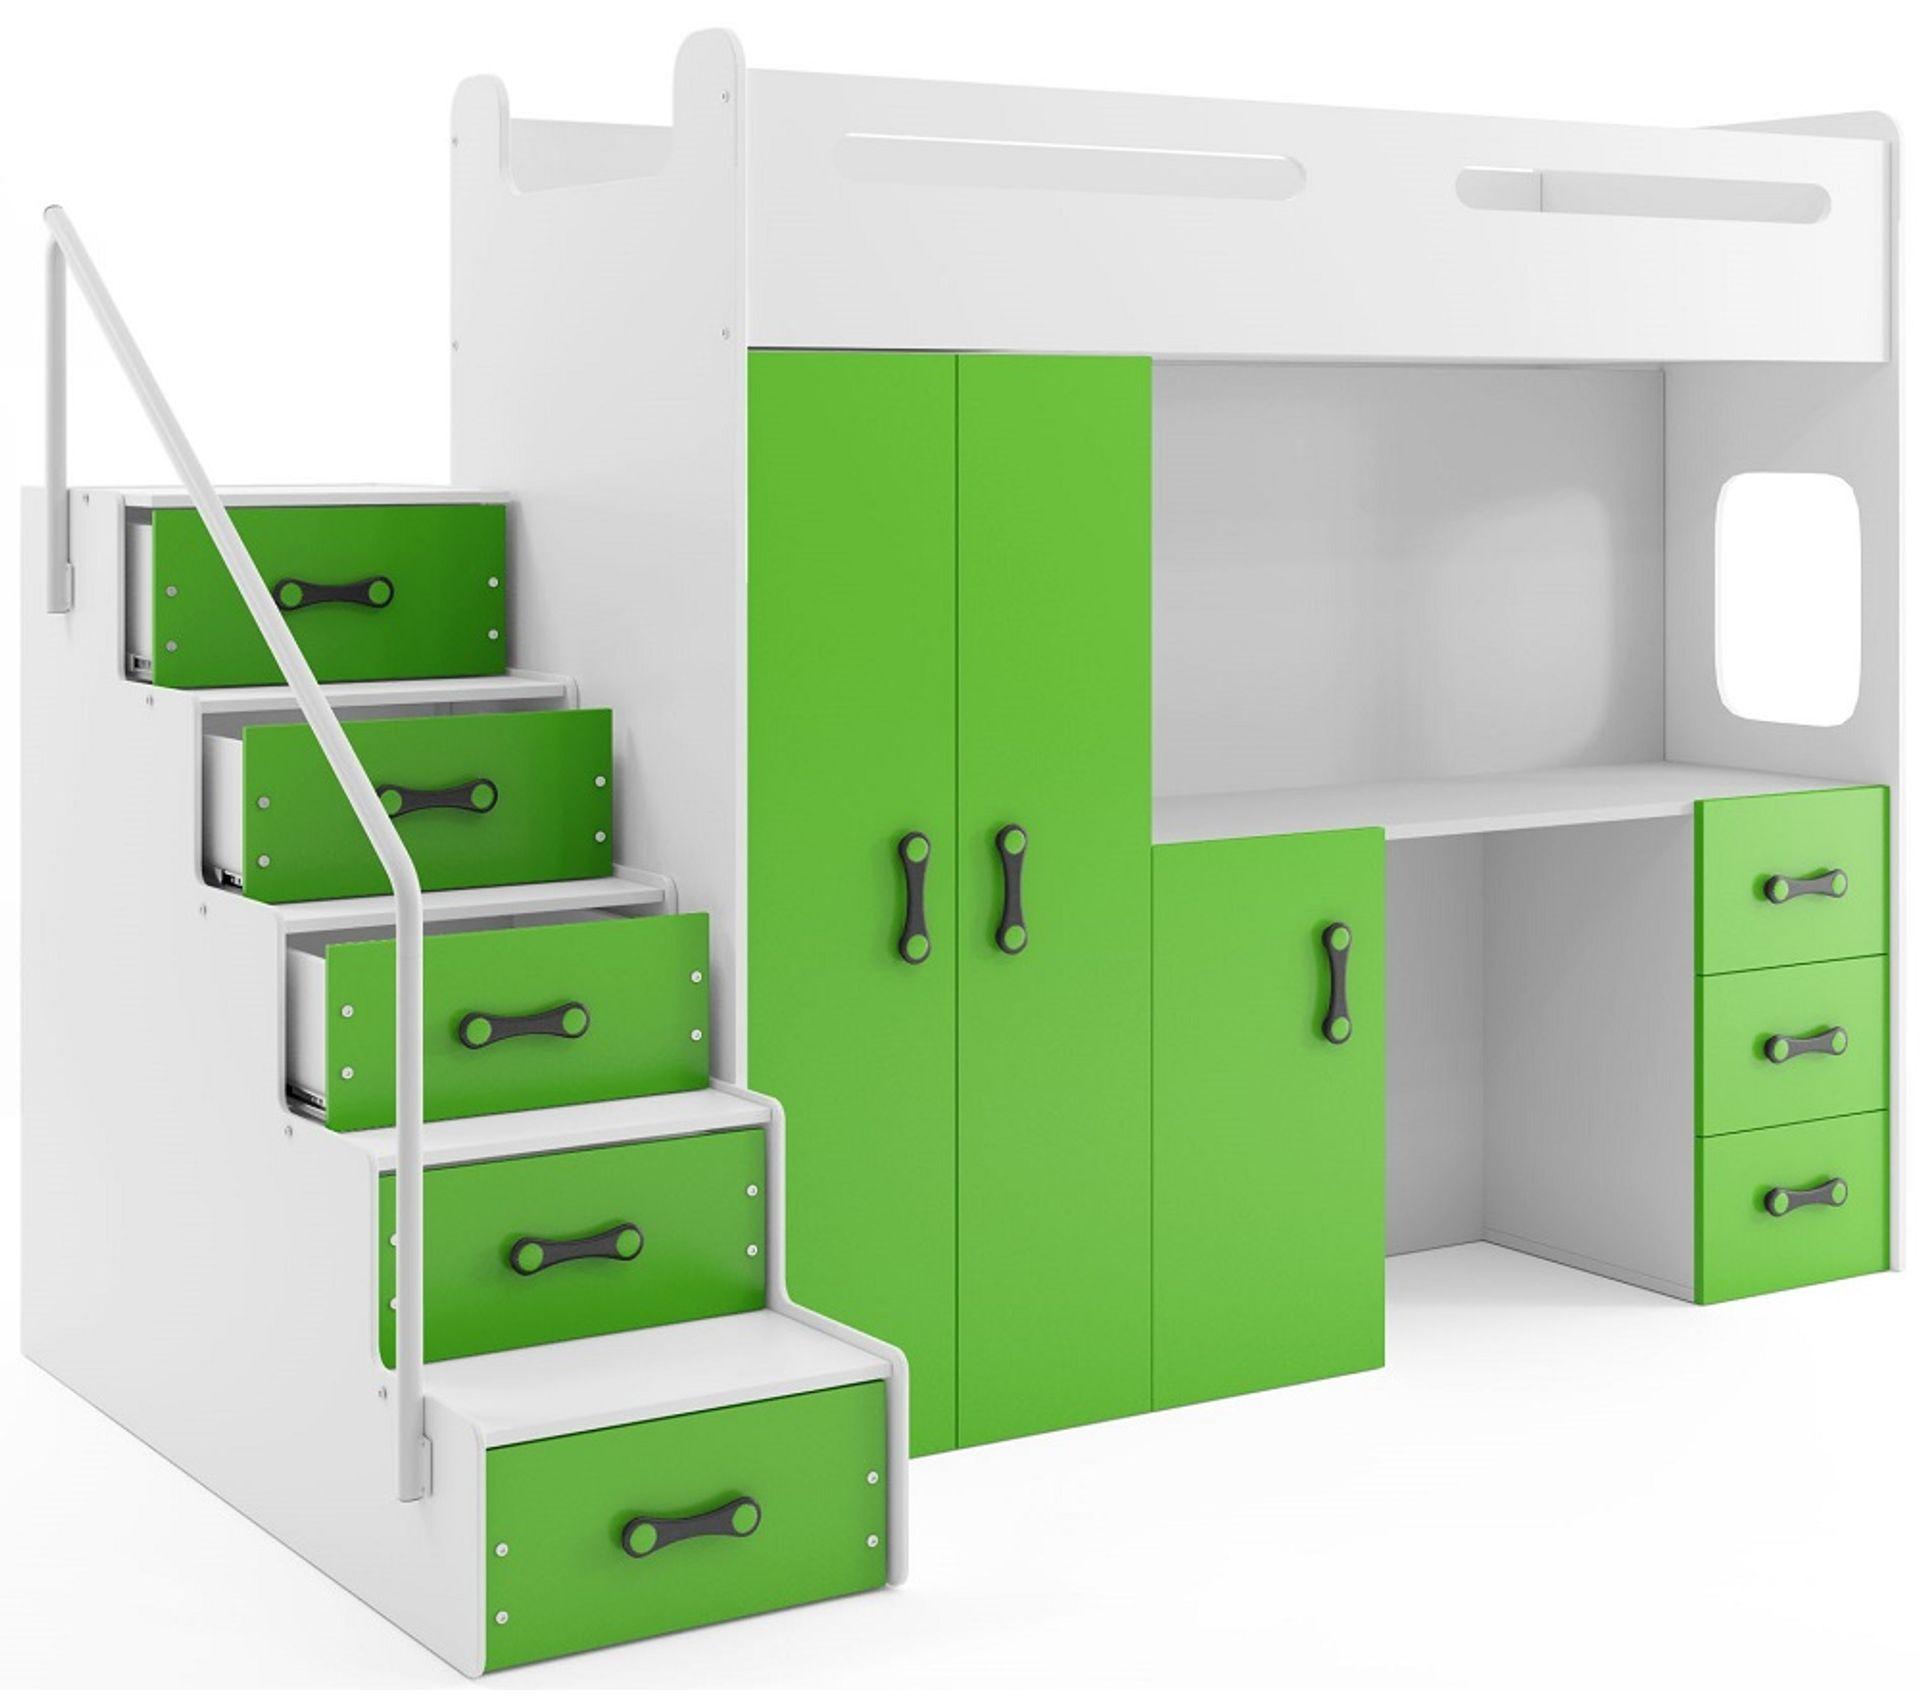 lit mezzanine max 4 en 80x200 avec bureau armoire matelas sommier et escalier en blanc vert